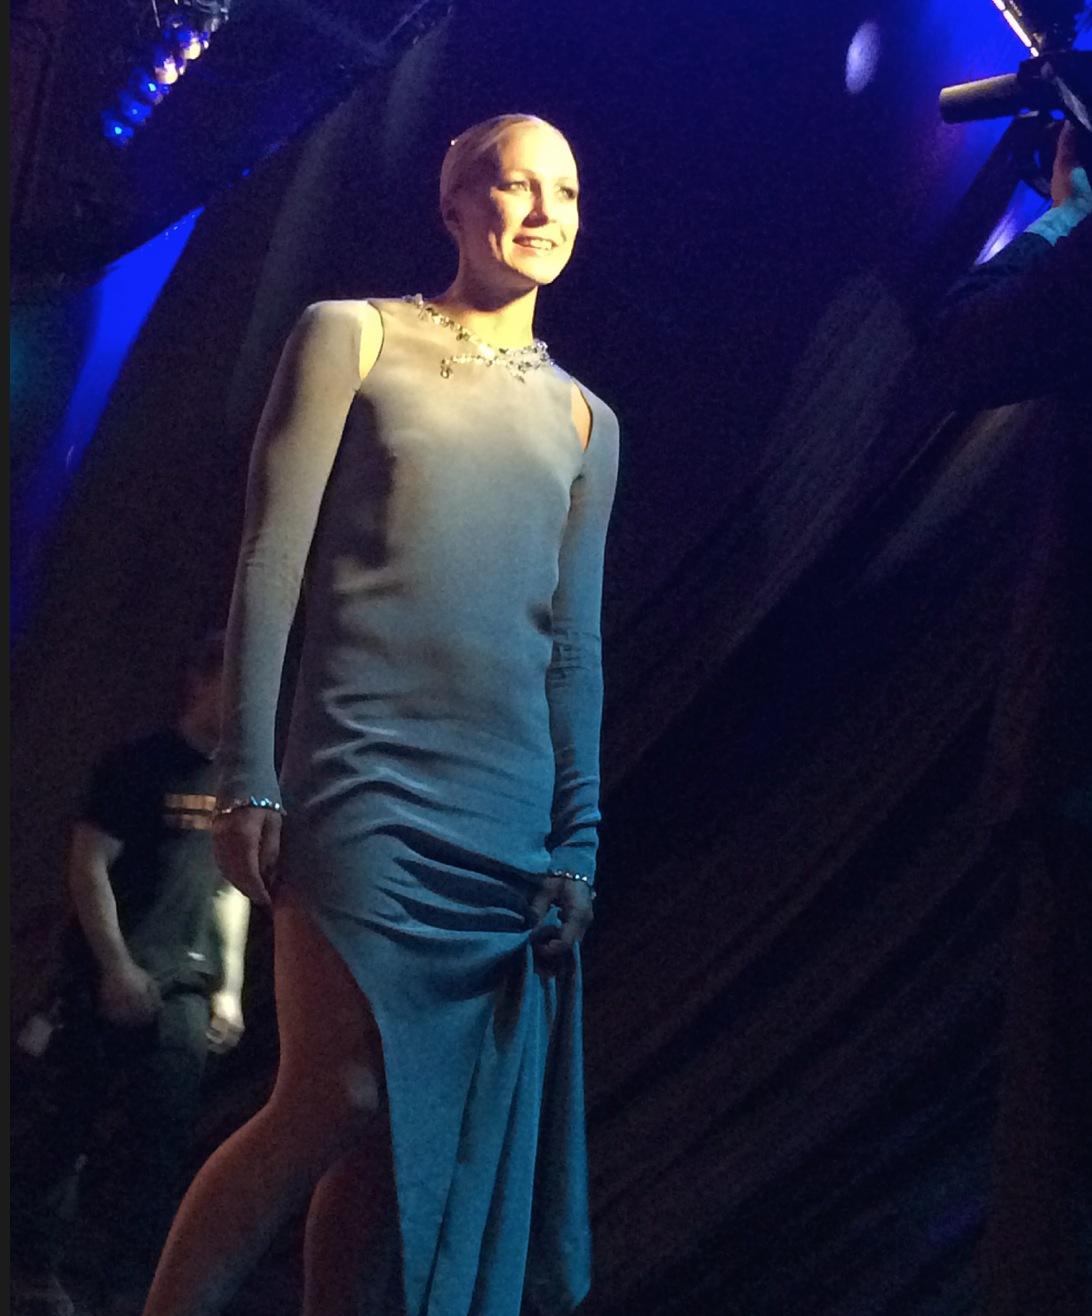 Sarah Sjöström var kvällens stora stjärna och var iklädd en specialdesignad H&M-klänning i ekologisk siden. Sarah vann Jerringpriset 2016 och är vårt största OS-hopp i Rio de Janeiro 2016